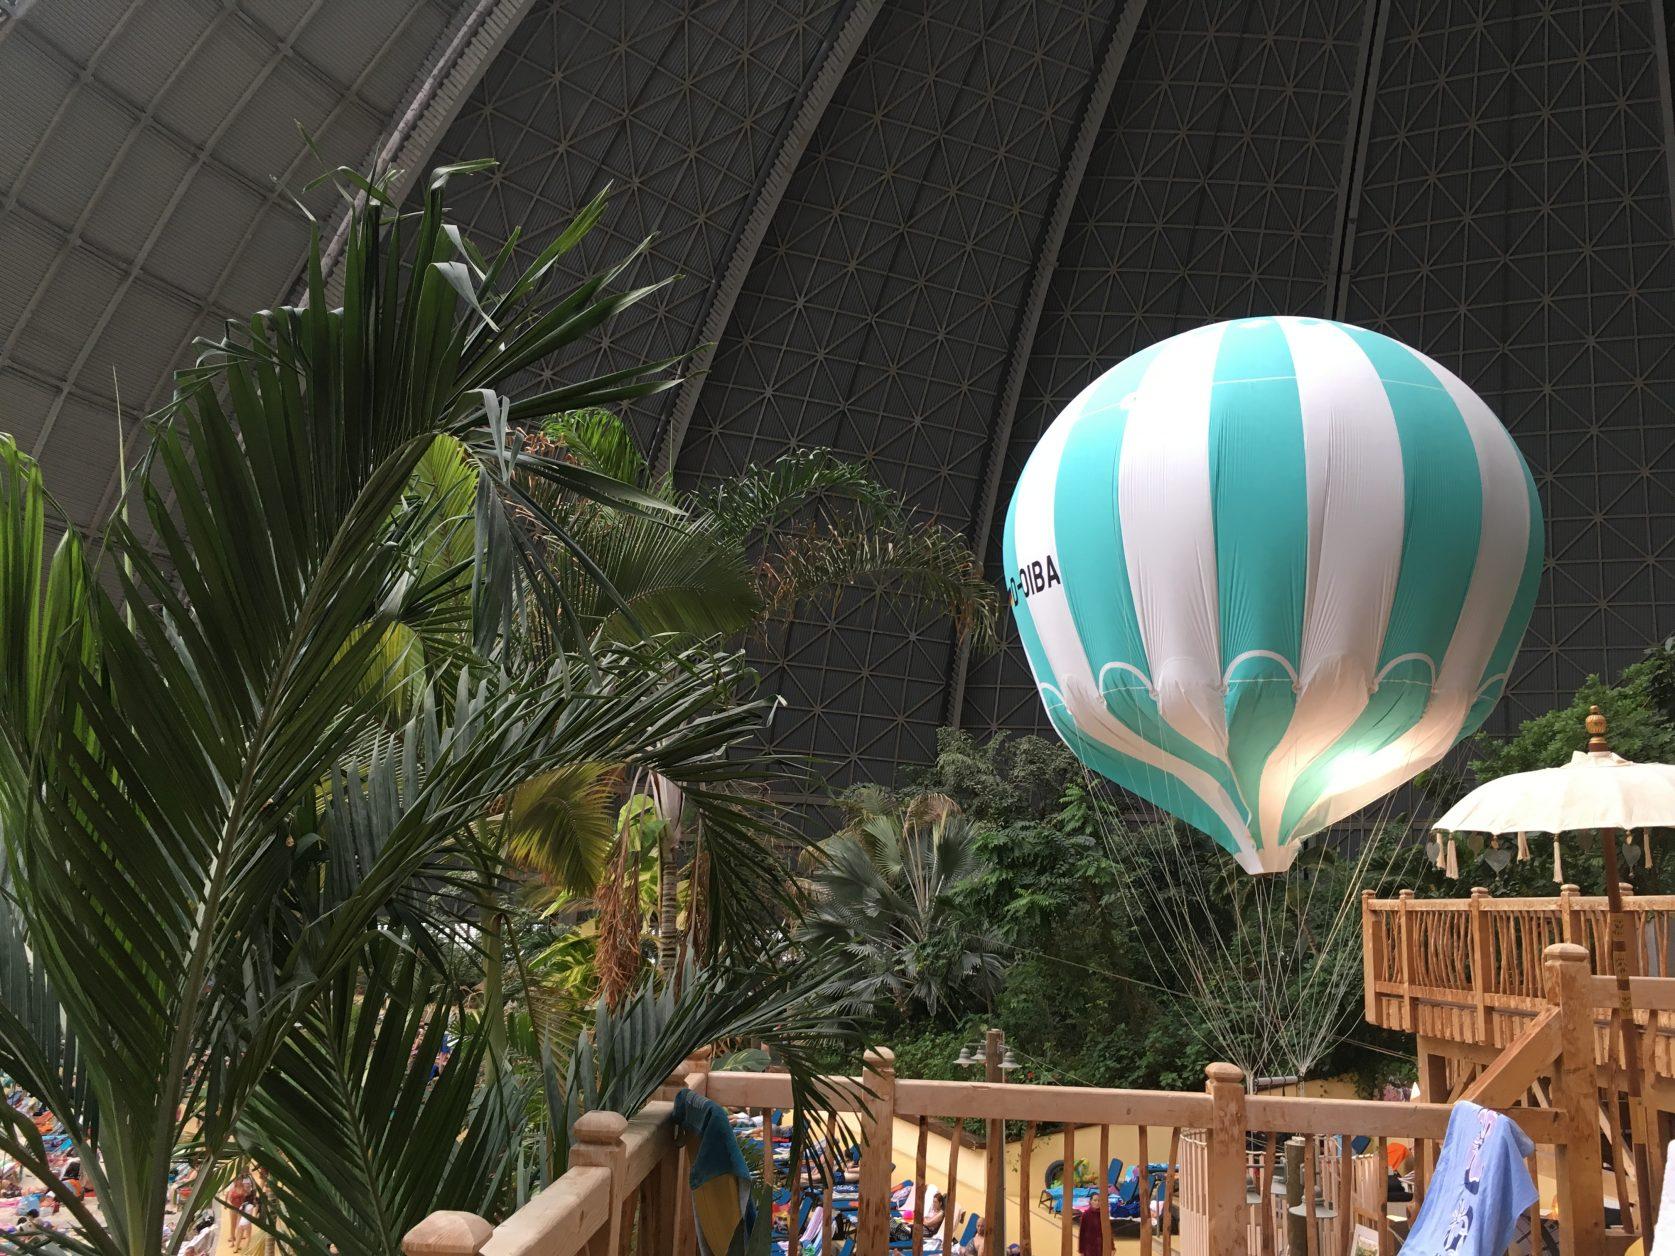 Mit dem Ballon geht es über 100 Meter hoch, Foto: D. Weirauch